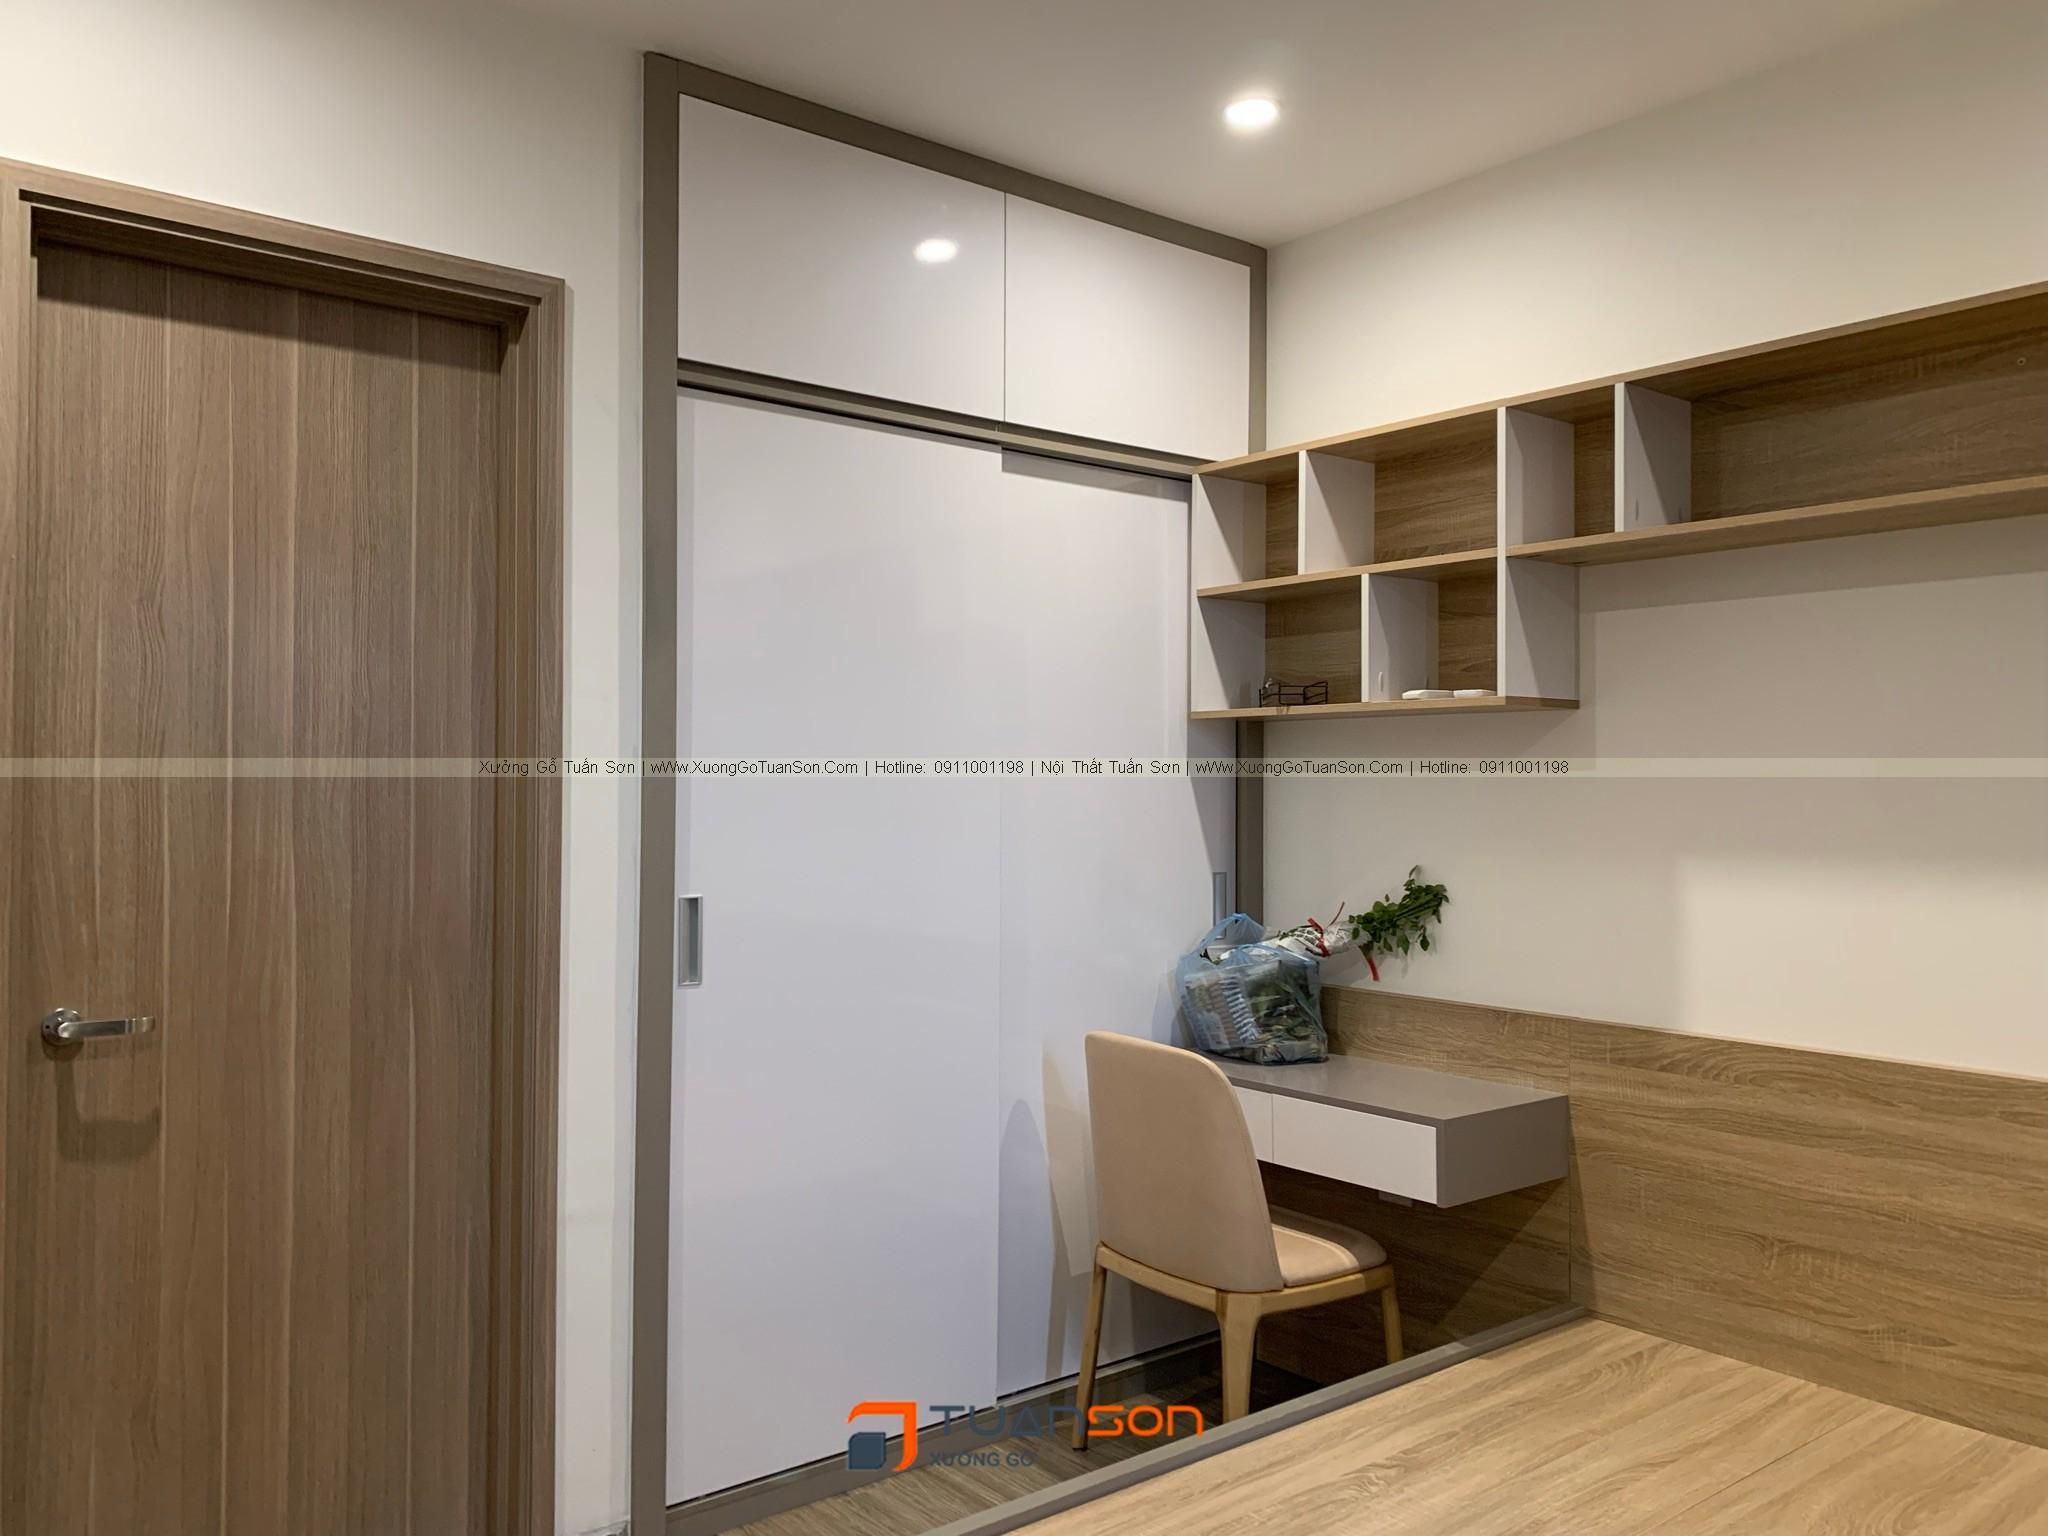 Bàn giao nội thất căn hộ 3PN S1.05-16 Vinhomes Ocean Park